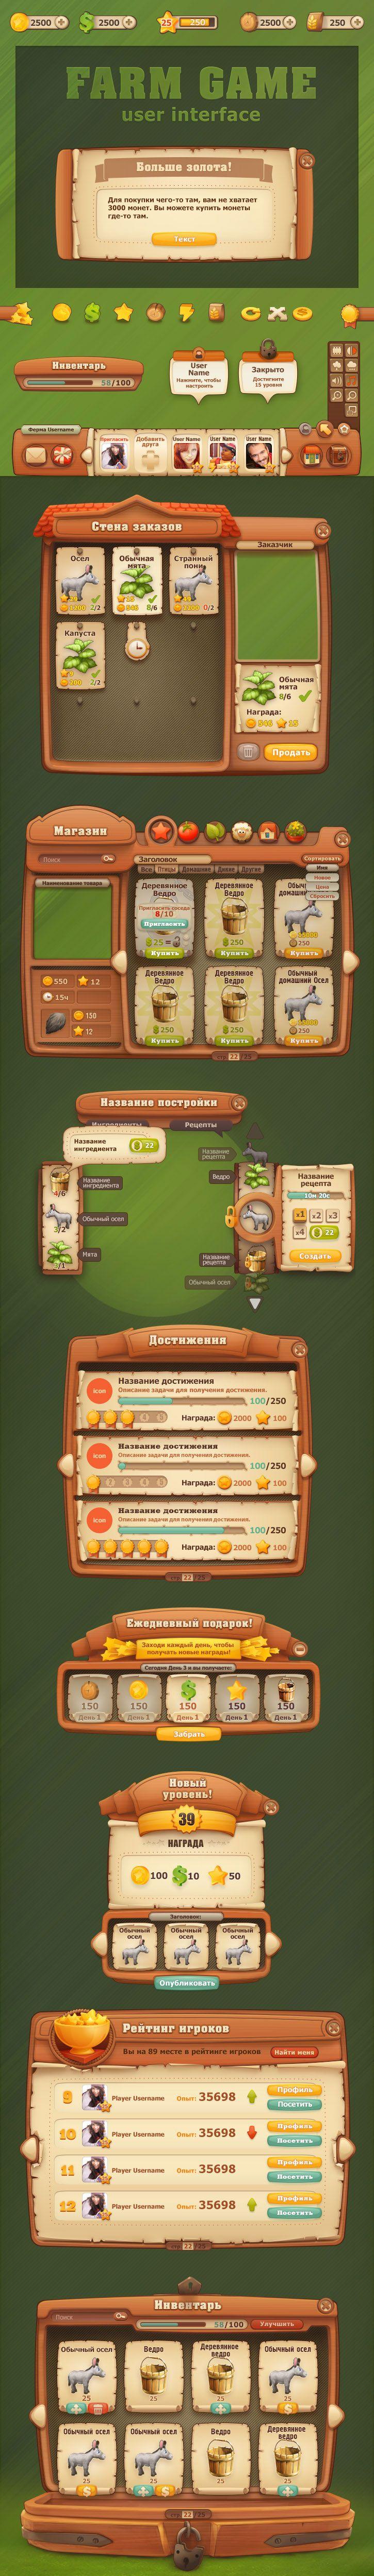 Farm game UI